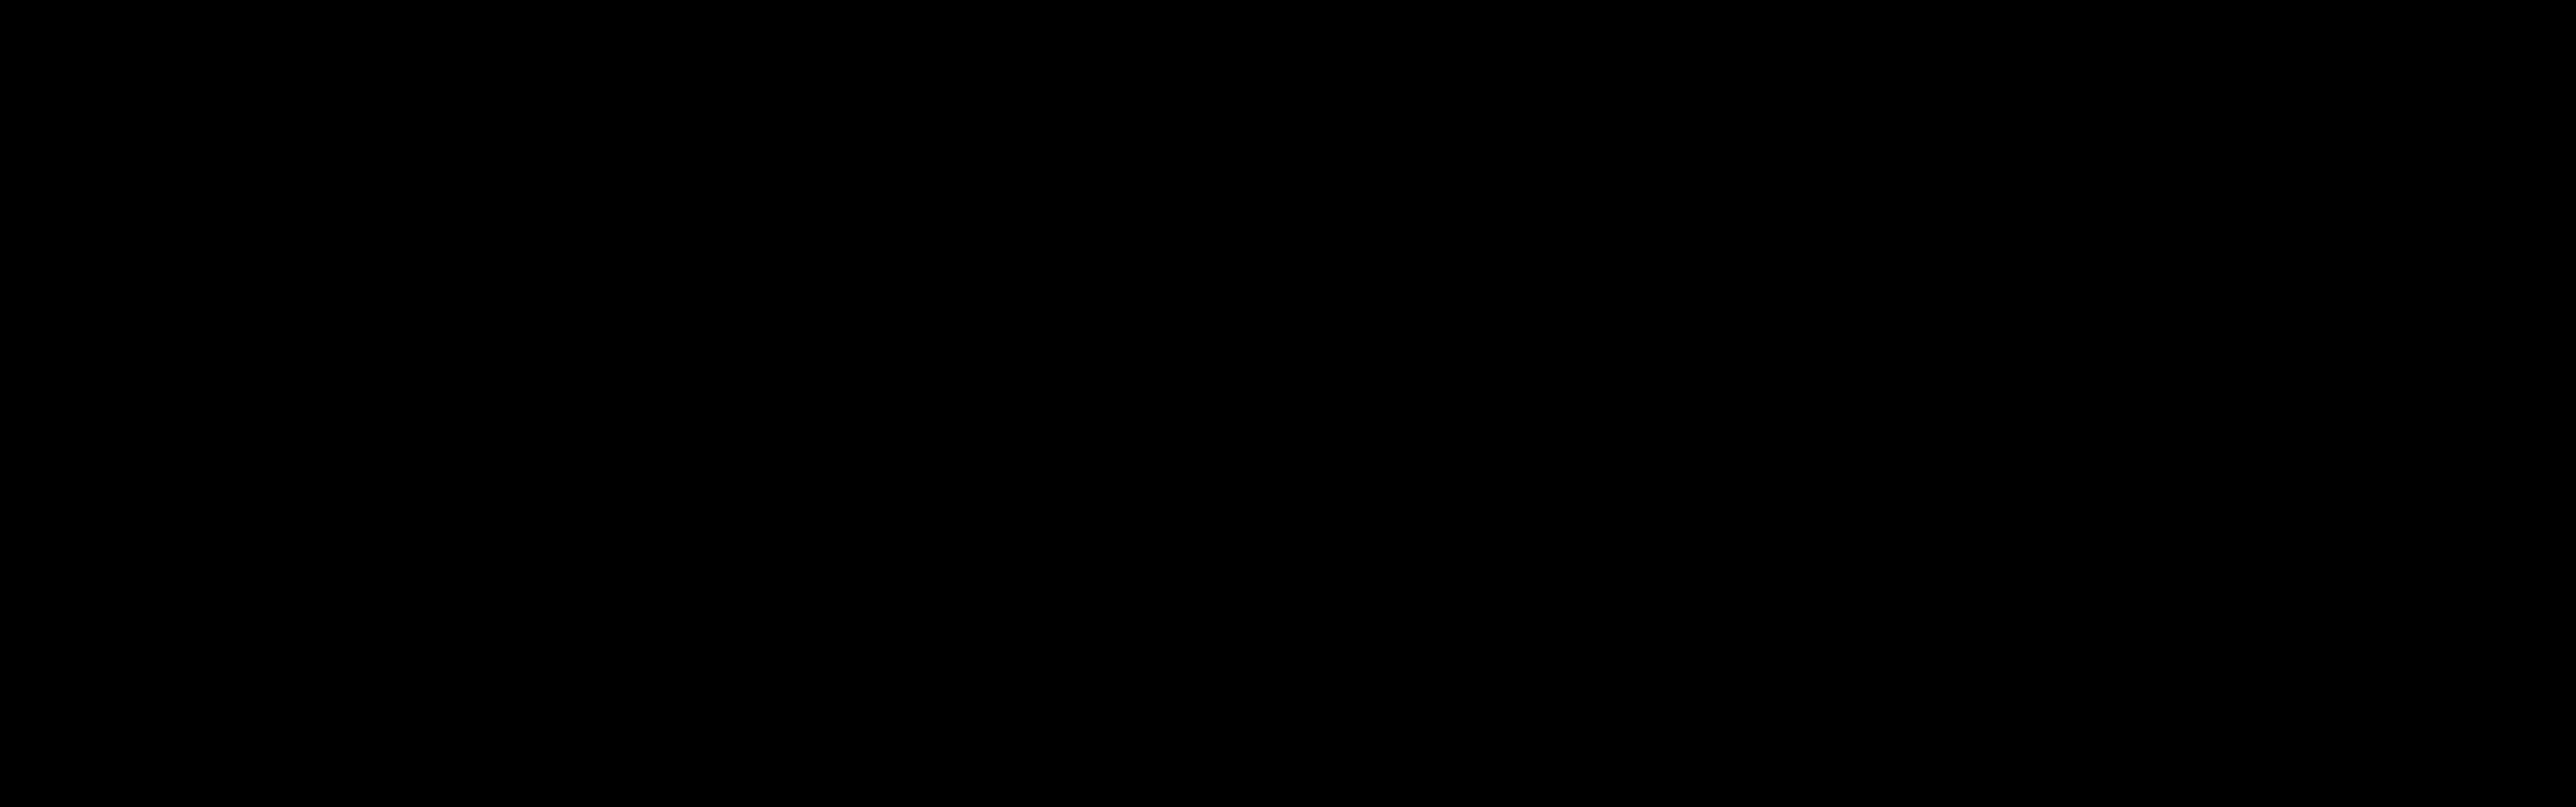 Banner social for business